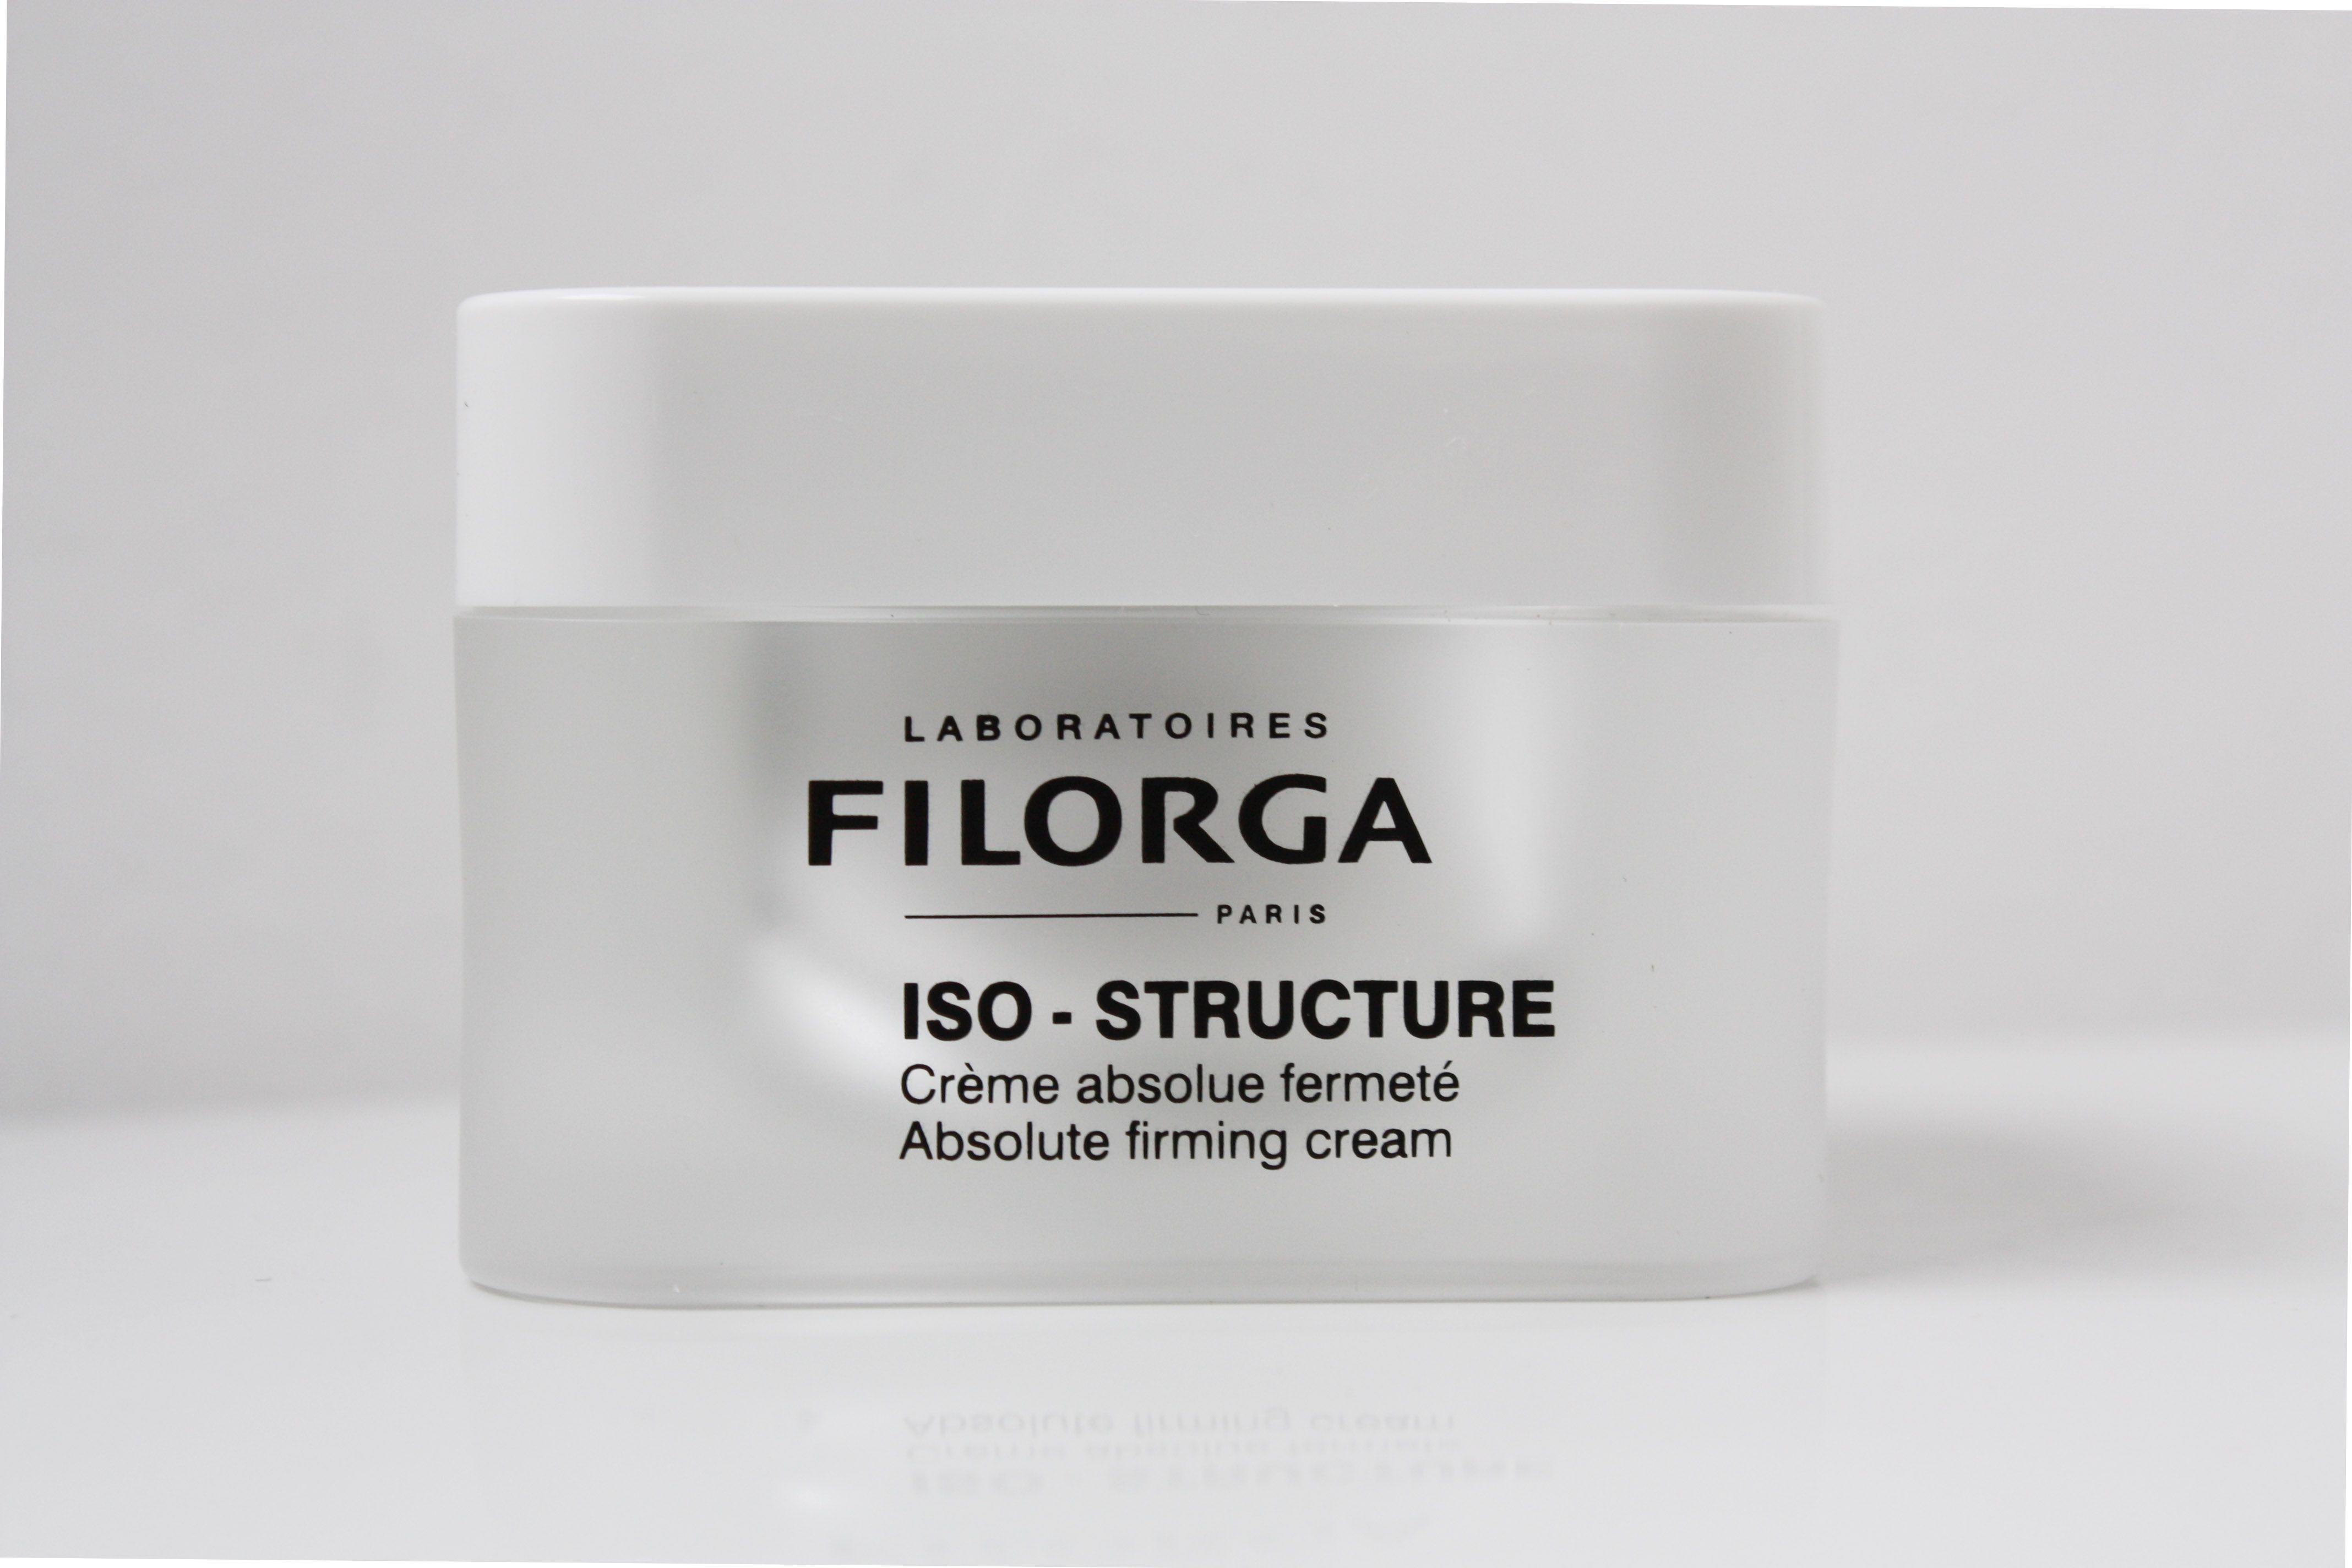 ¿Víctima de la flacidez cutanea? No lo pienses más y acude con tu dermatólogo para que te brinde los beneficios de ISO-Estructure, la crema ideal para combatir flacidez y descolgamiento cutáneo, además rellenará arrugas instaladas en tu rostro.